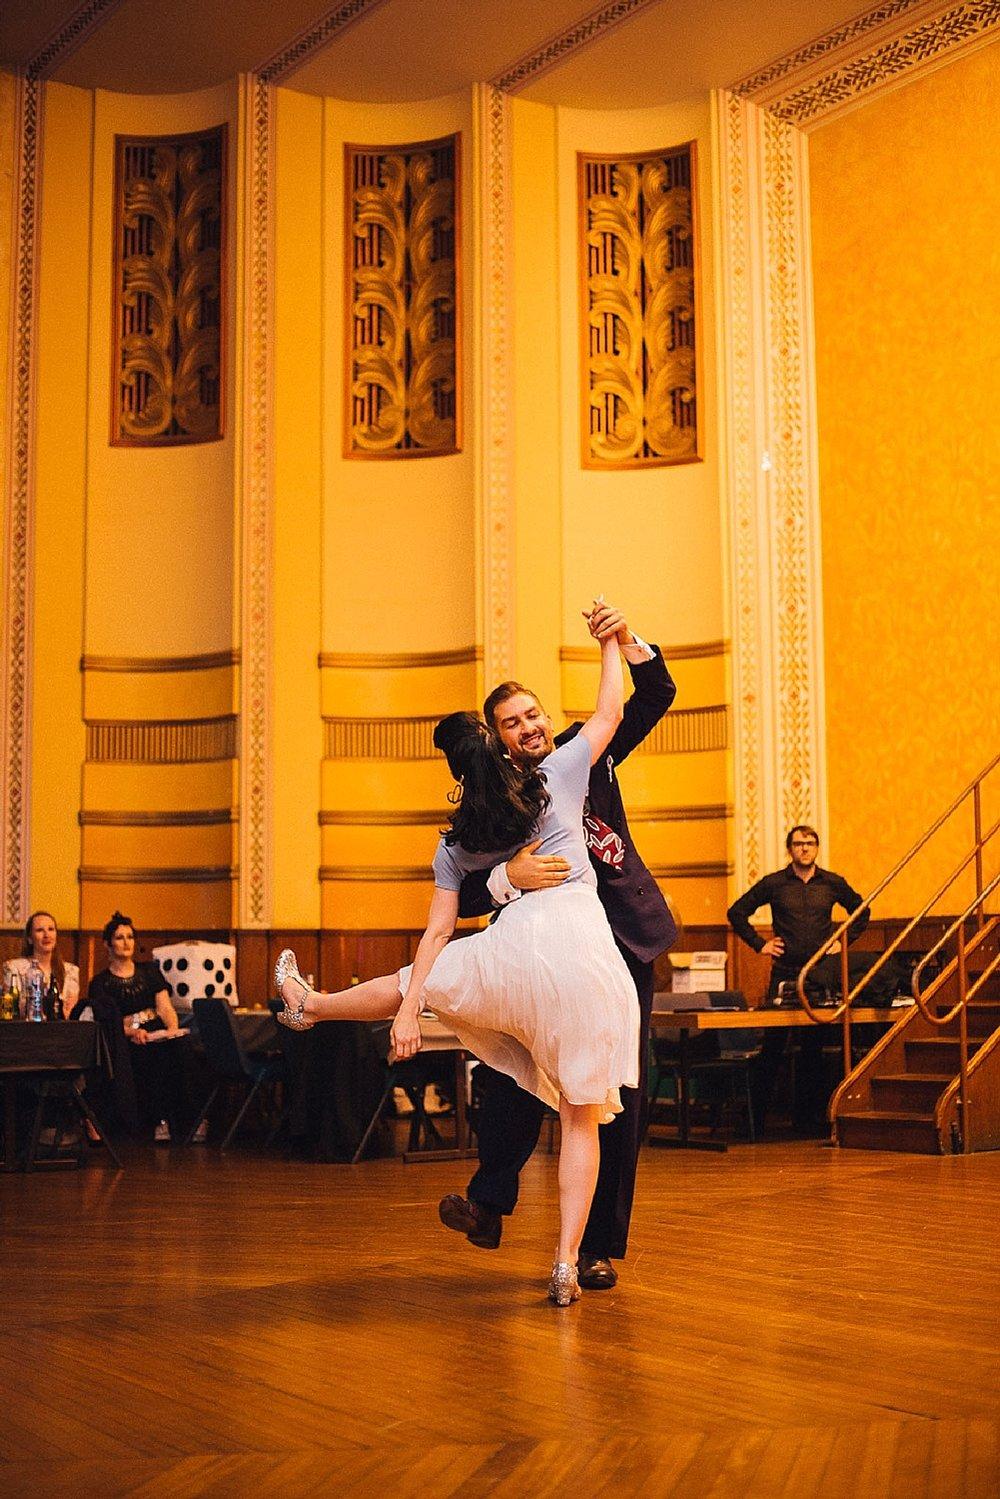 SLX2016-SydneyLindyExchange-DancePhotography-Australia-LindyHop-GroovyBanana-SwingPhotographers_0020.jpg